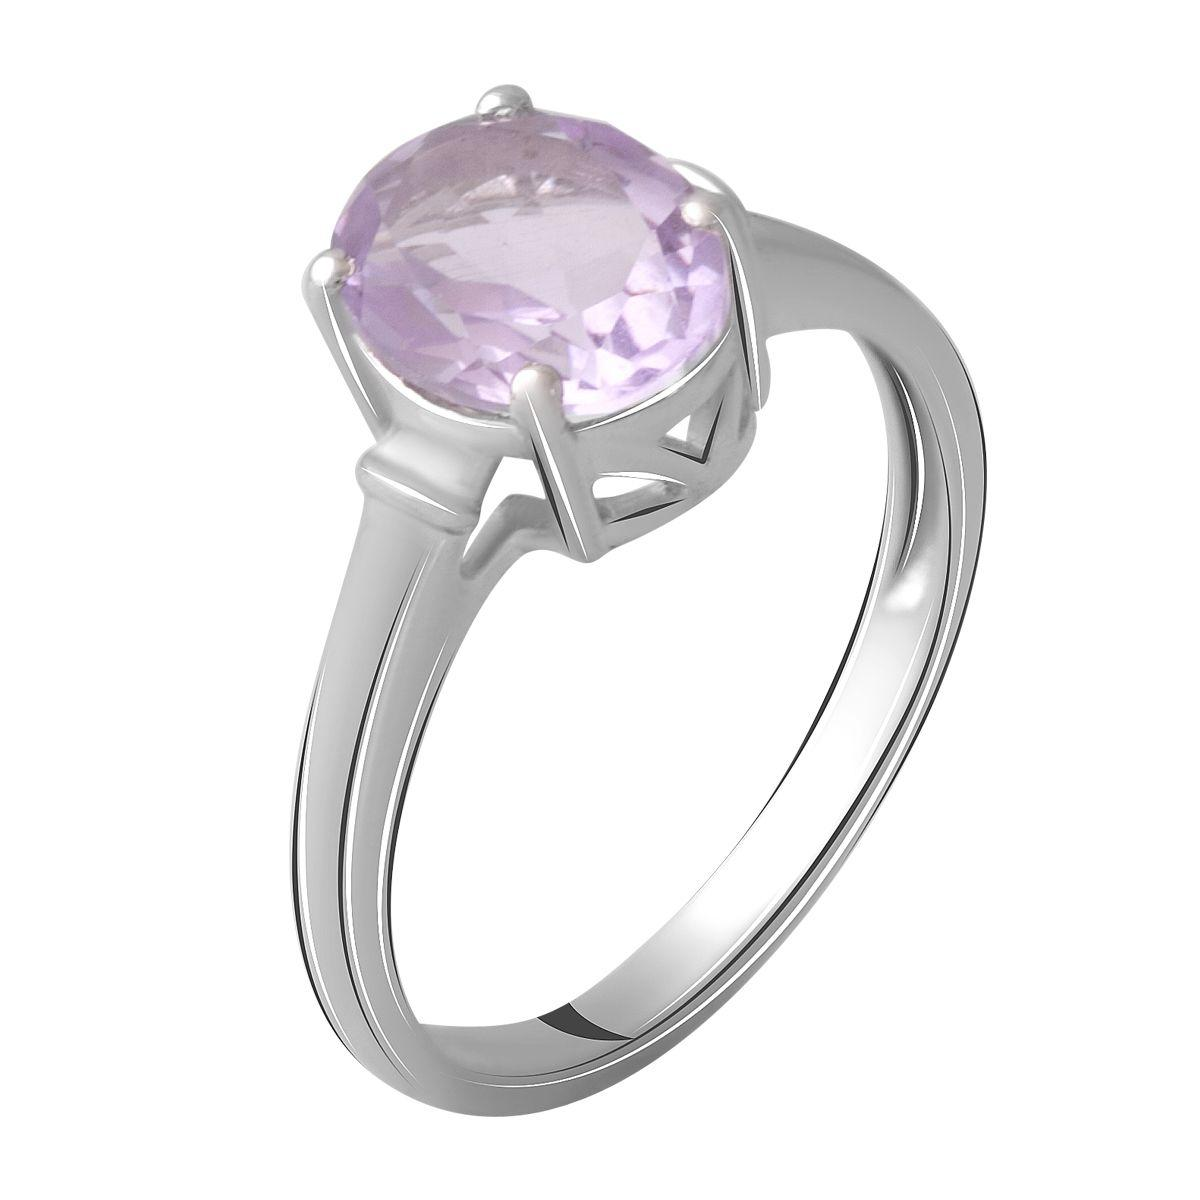 Серебряное кольцо pSilverAlex с натуральным аметистом 1.75ct (2060574) 17.5 размер